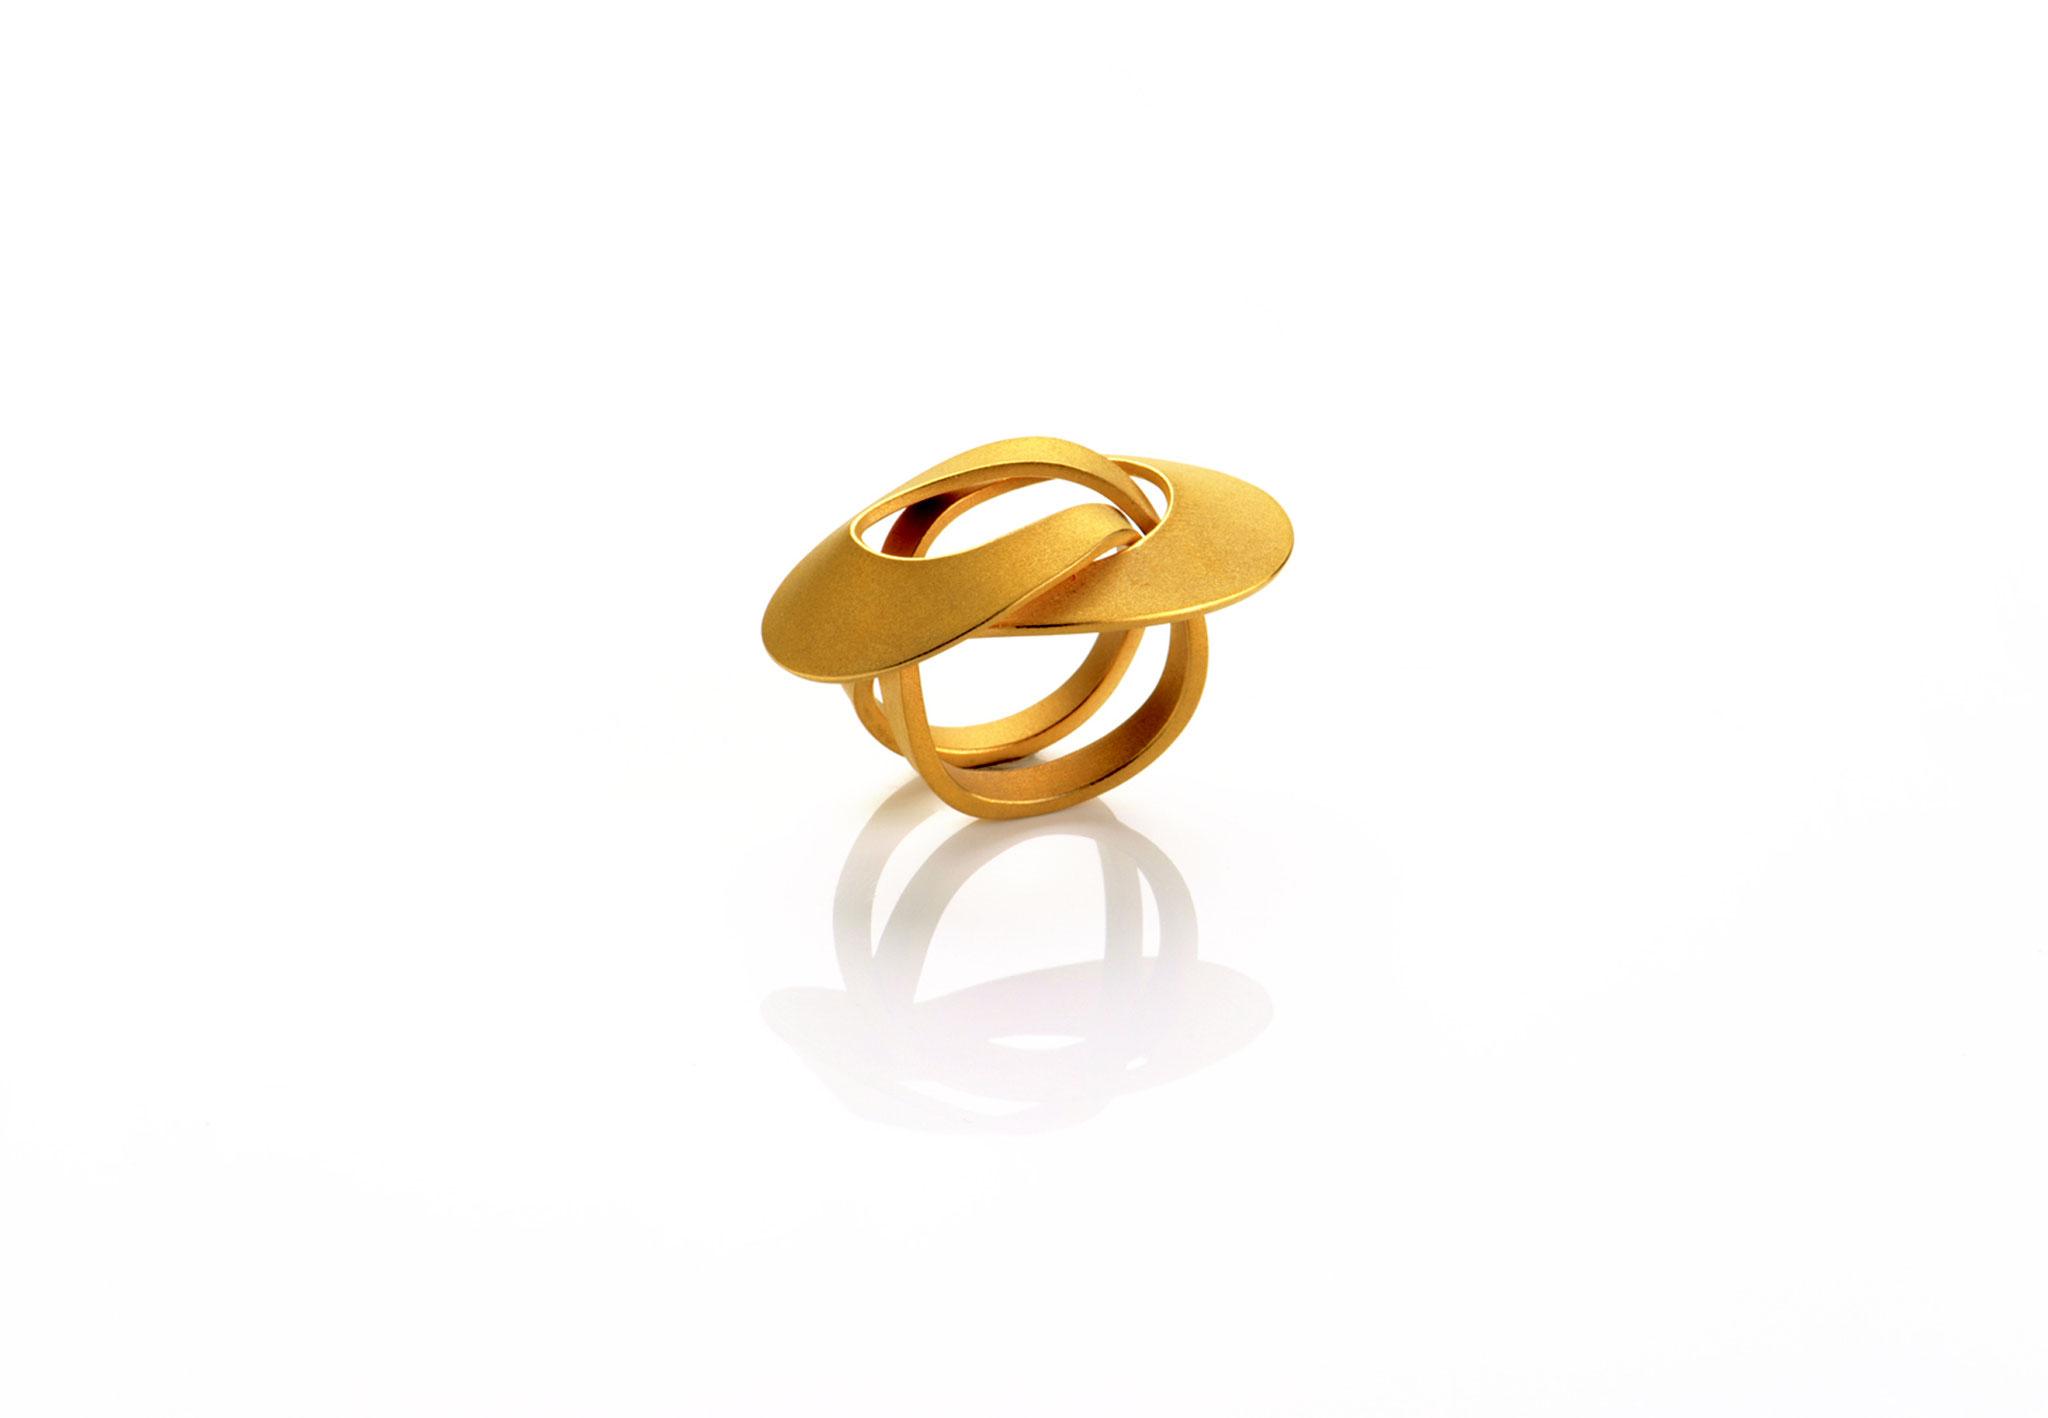 Wendepunkt Ring M3, 925/- Silber, 18ct goldplattiert